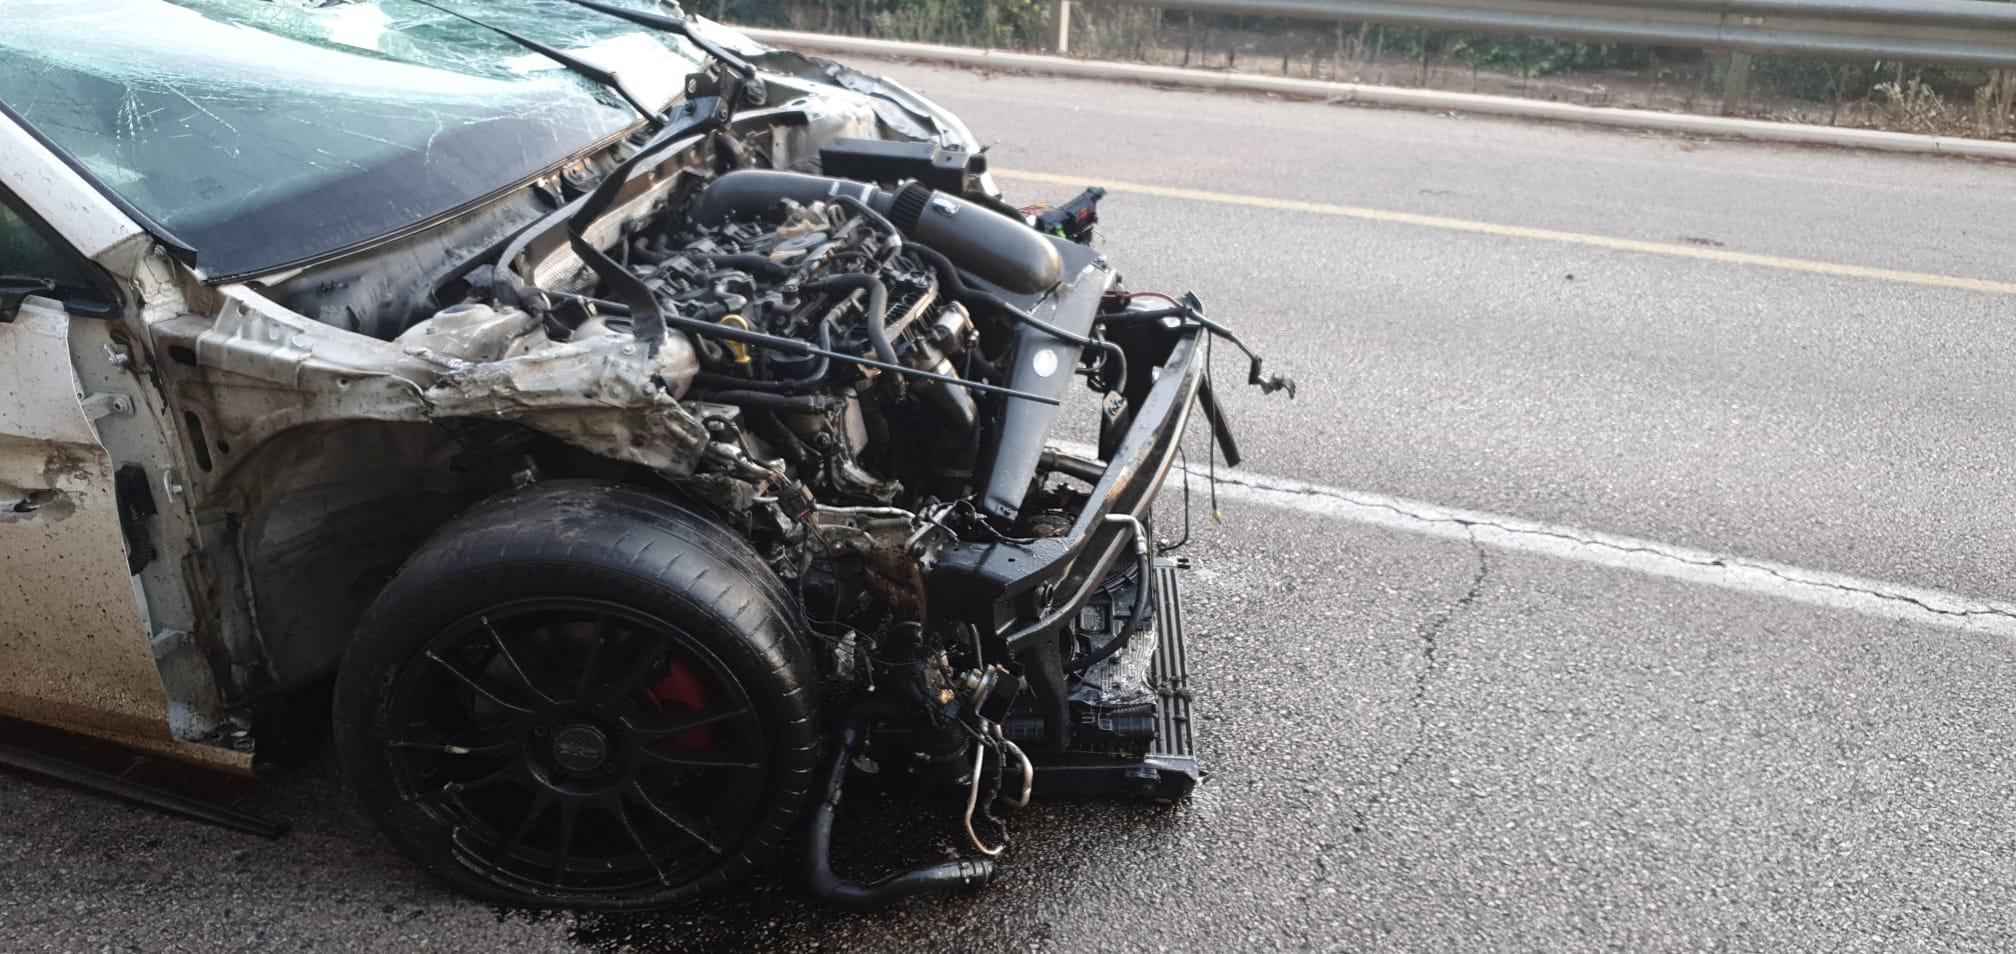 """מה שנותר מהרכב הפרטי שהתנגש בשני הרוכבים והרג אותם. צילום: דוברות מד""""א"""